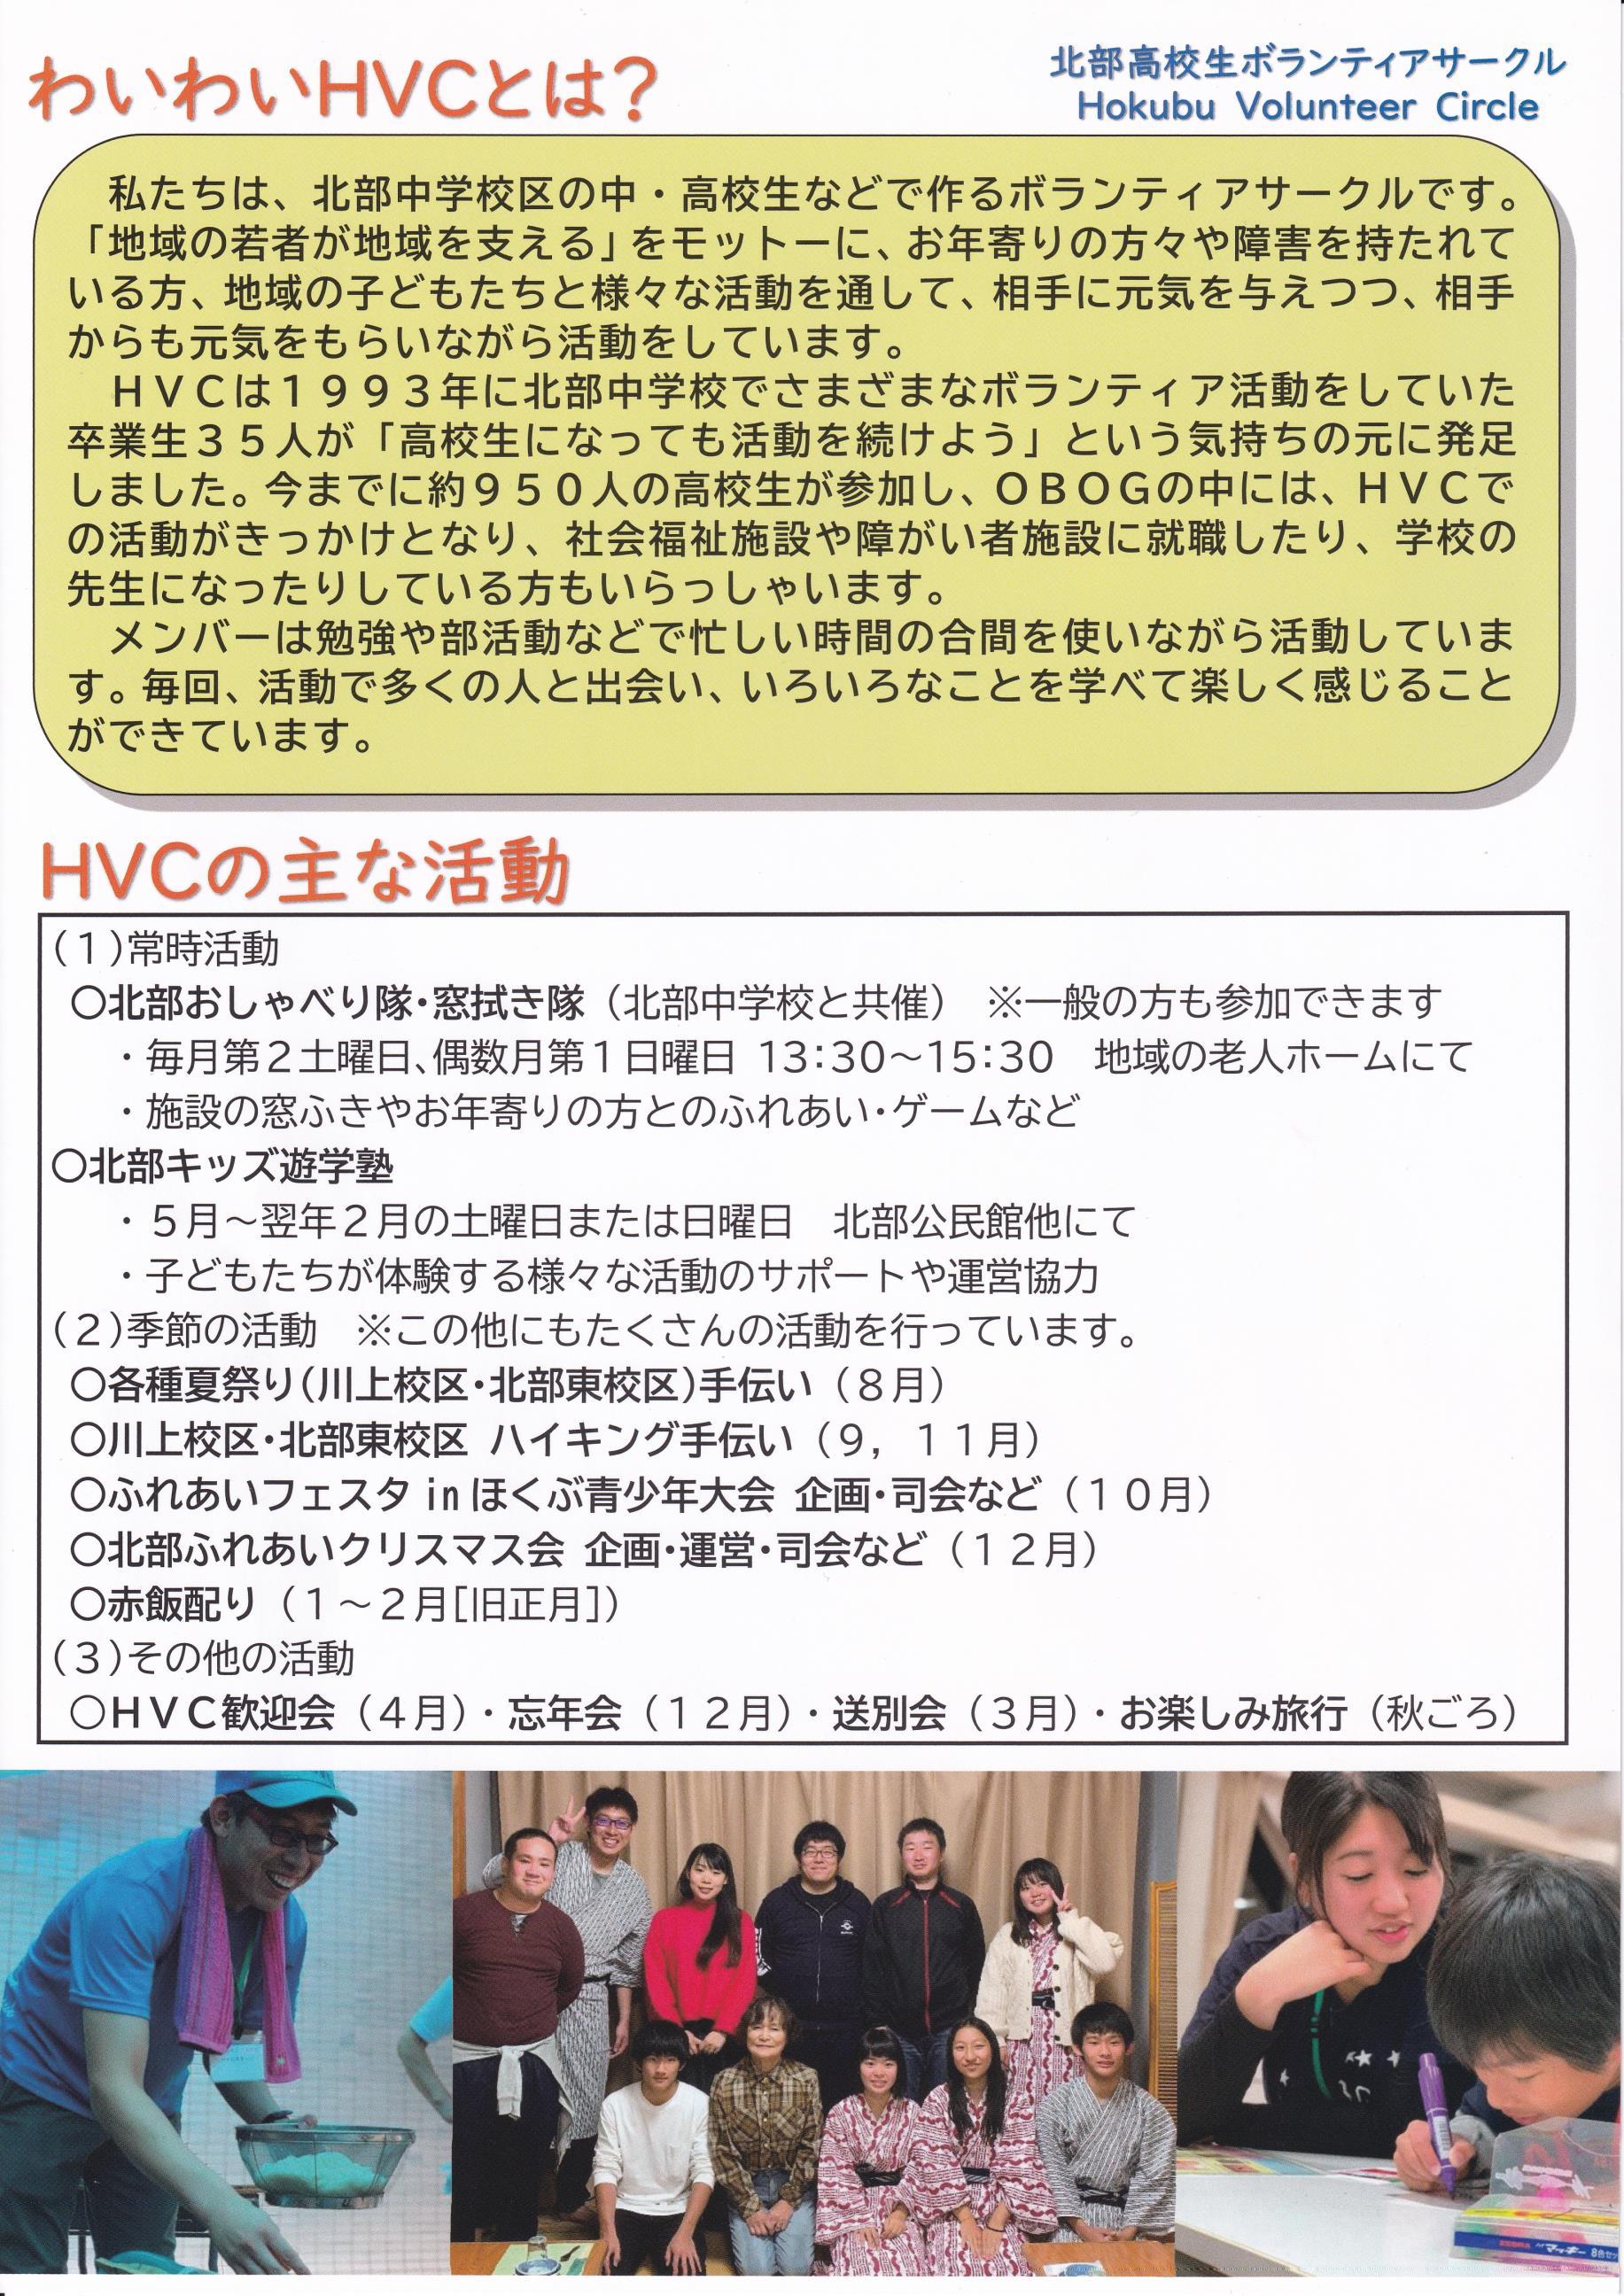 わいわいHVC(裏)